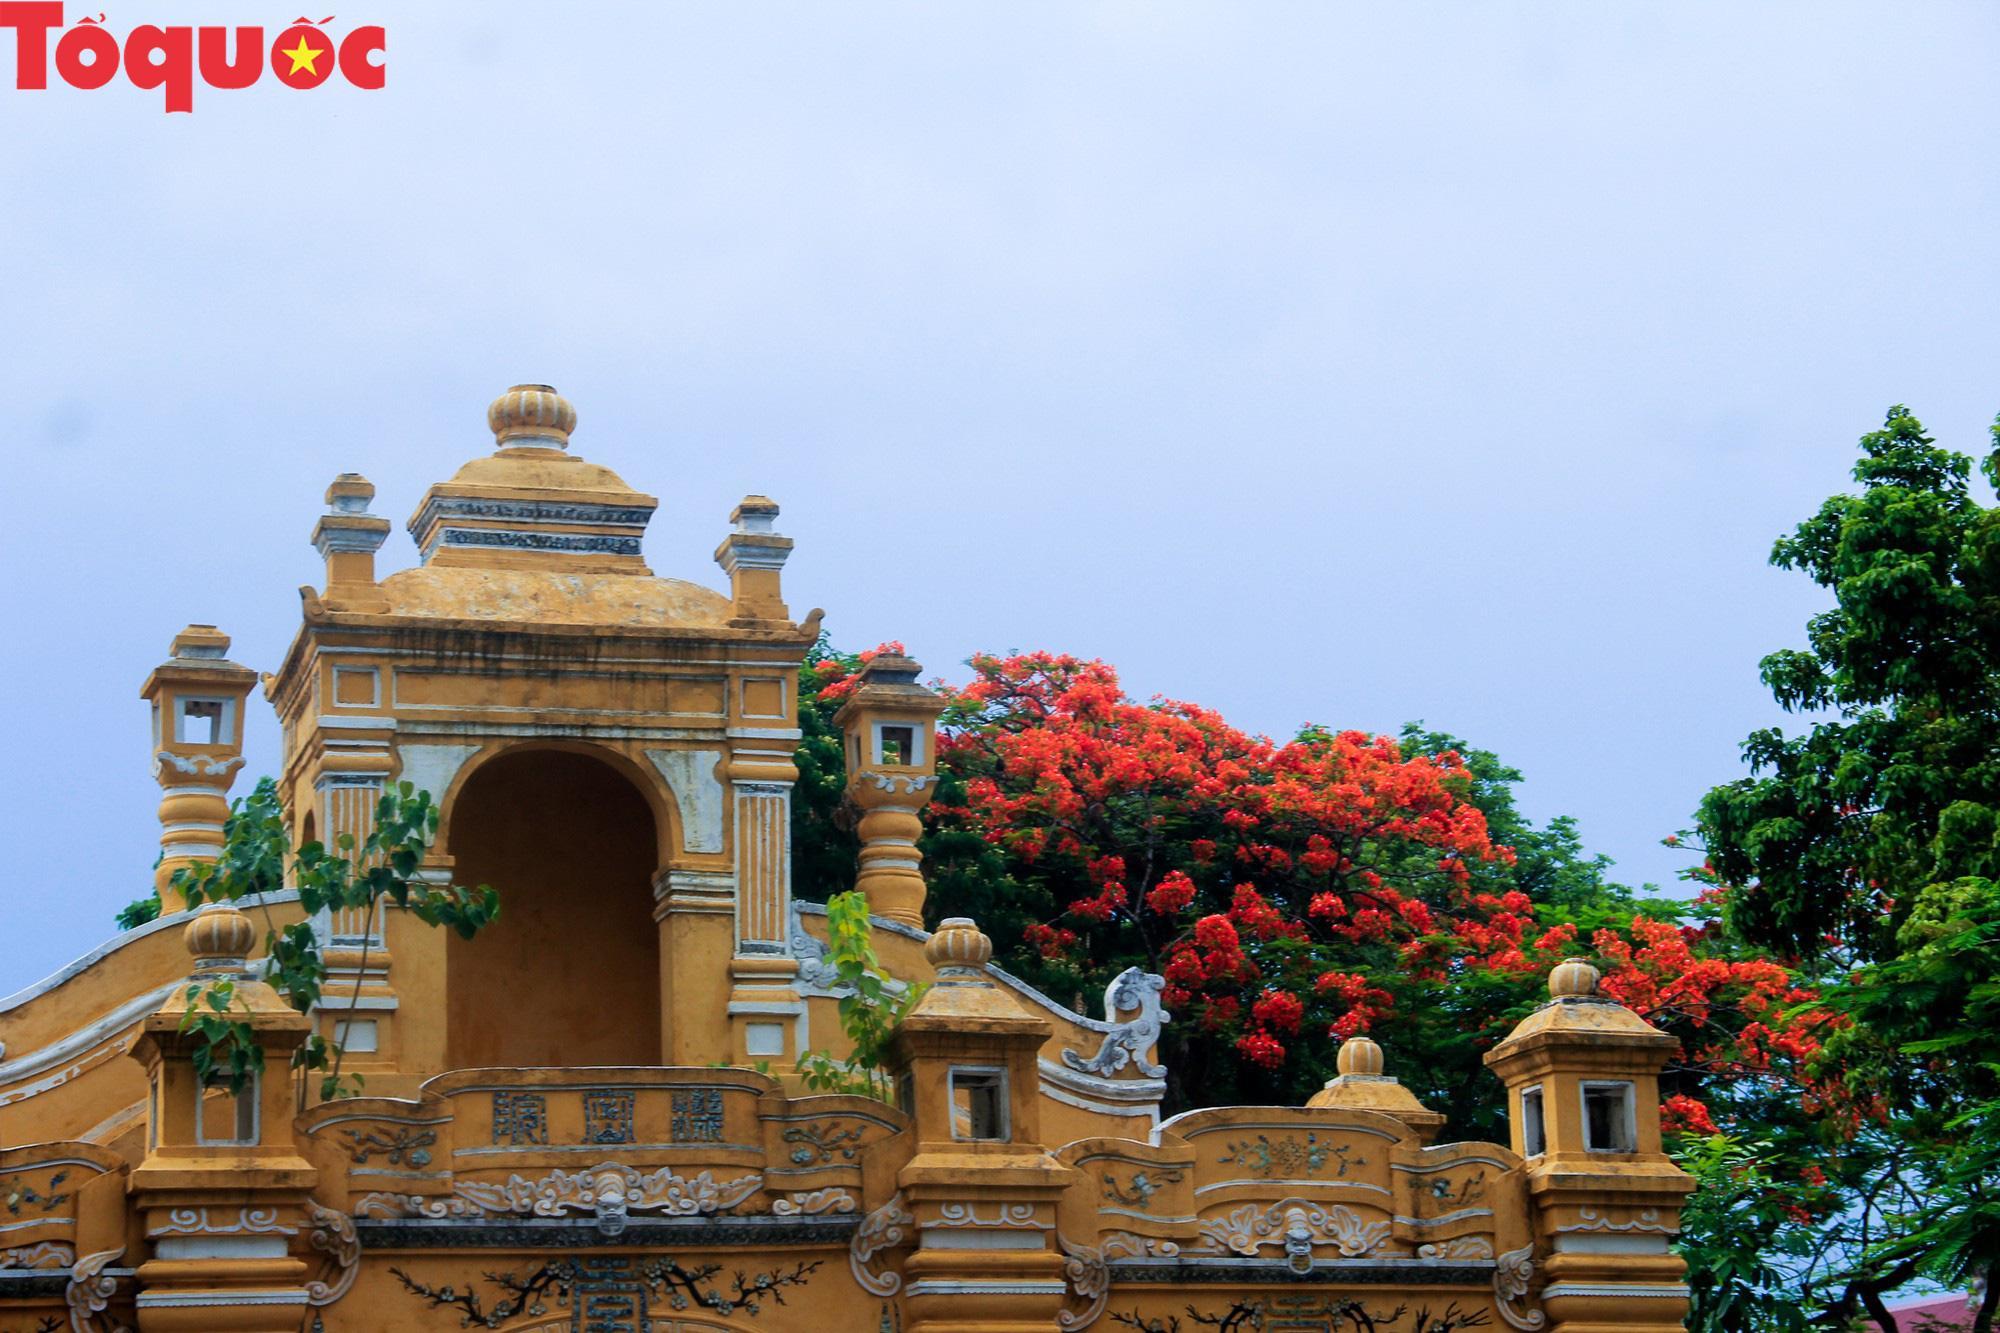 Đất trời xứ Huế đẹp rực rỡ trong mùa phượng vĩ nở hoa Ảnh 10